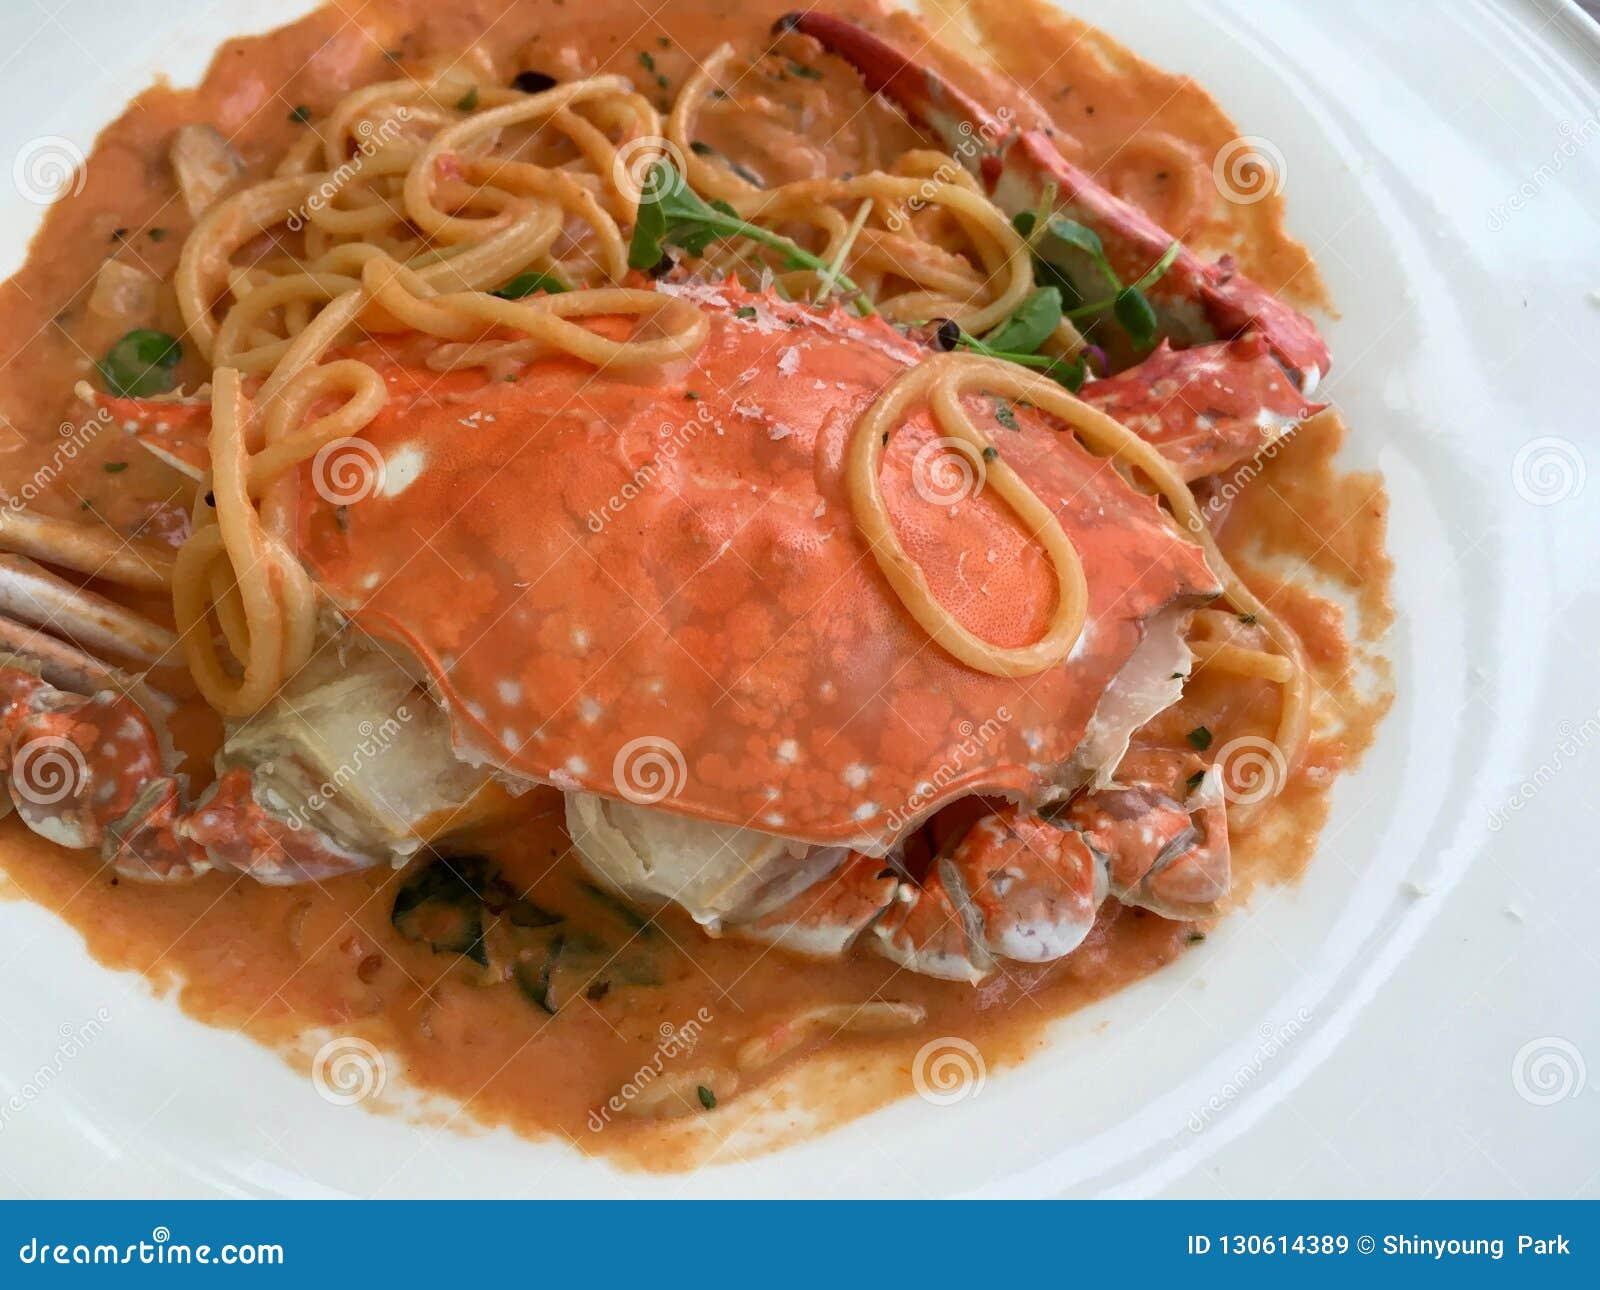 De Koreaanse krab komt italien cusine, een vuurwerk voor de smaak samen